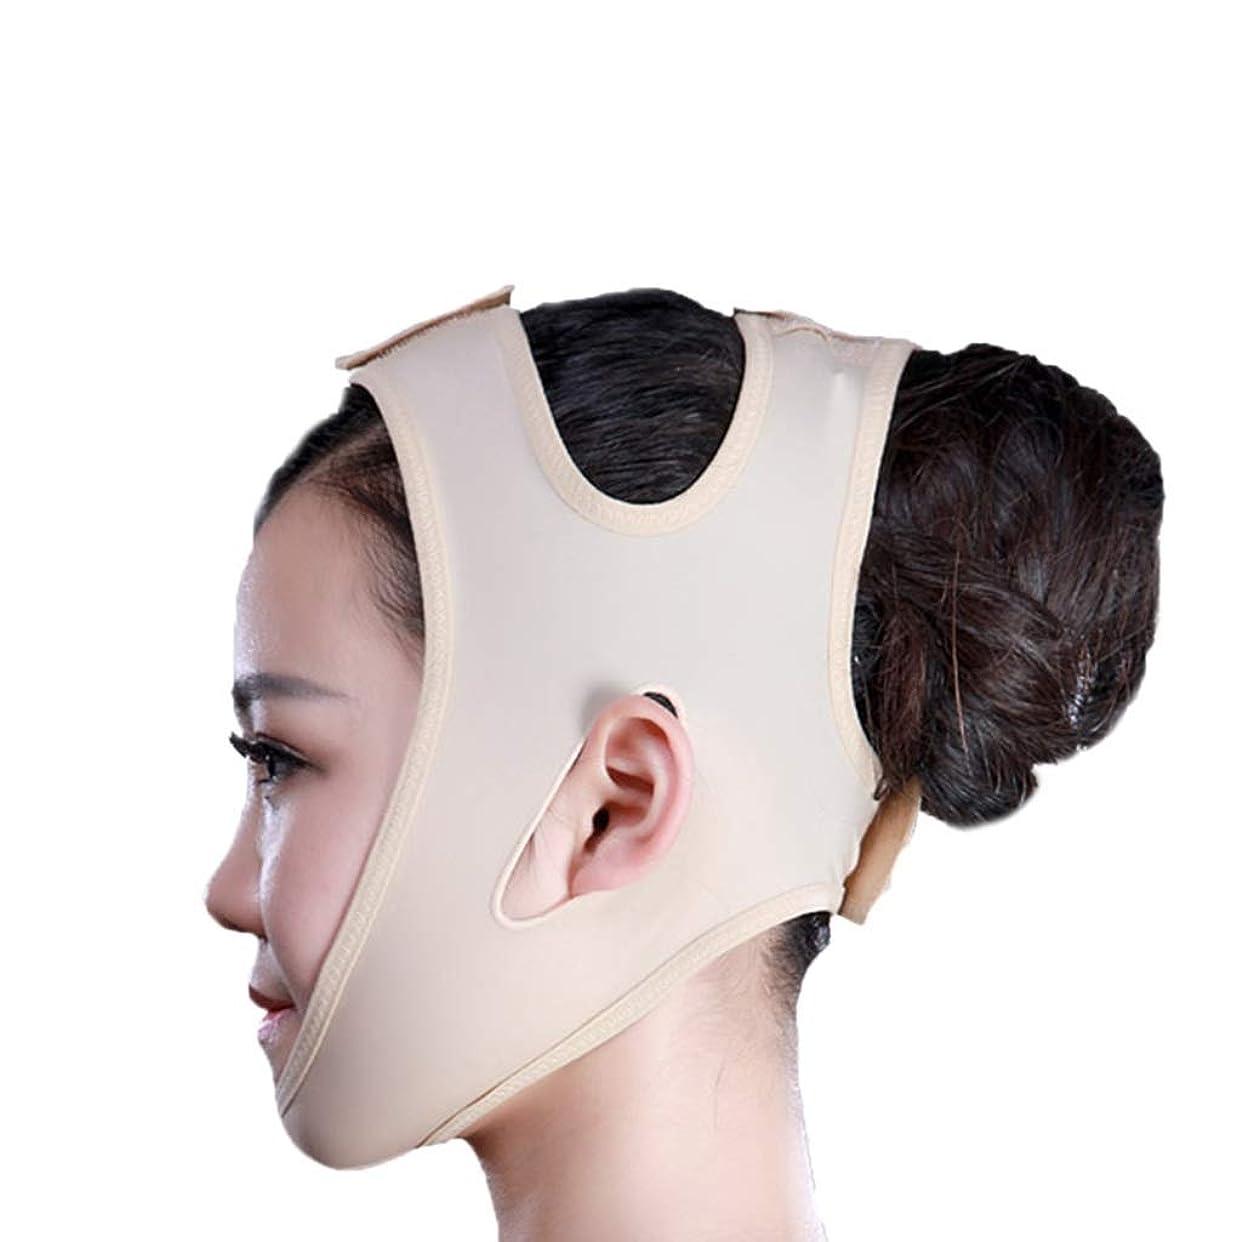 降伏移行するダニフェイススリミングマスク、快適さと通気性、フェイシャルリフティング、輪郭の改善された硬さ、ファーミングとリフティングフェイス(カラー:ブラック、サイズ:XL),黄色がかったピンク、L